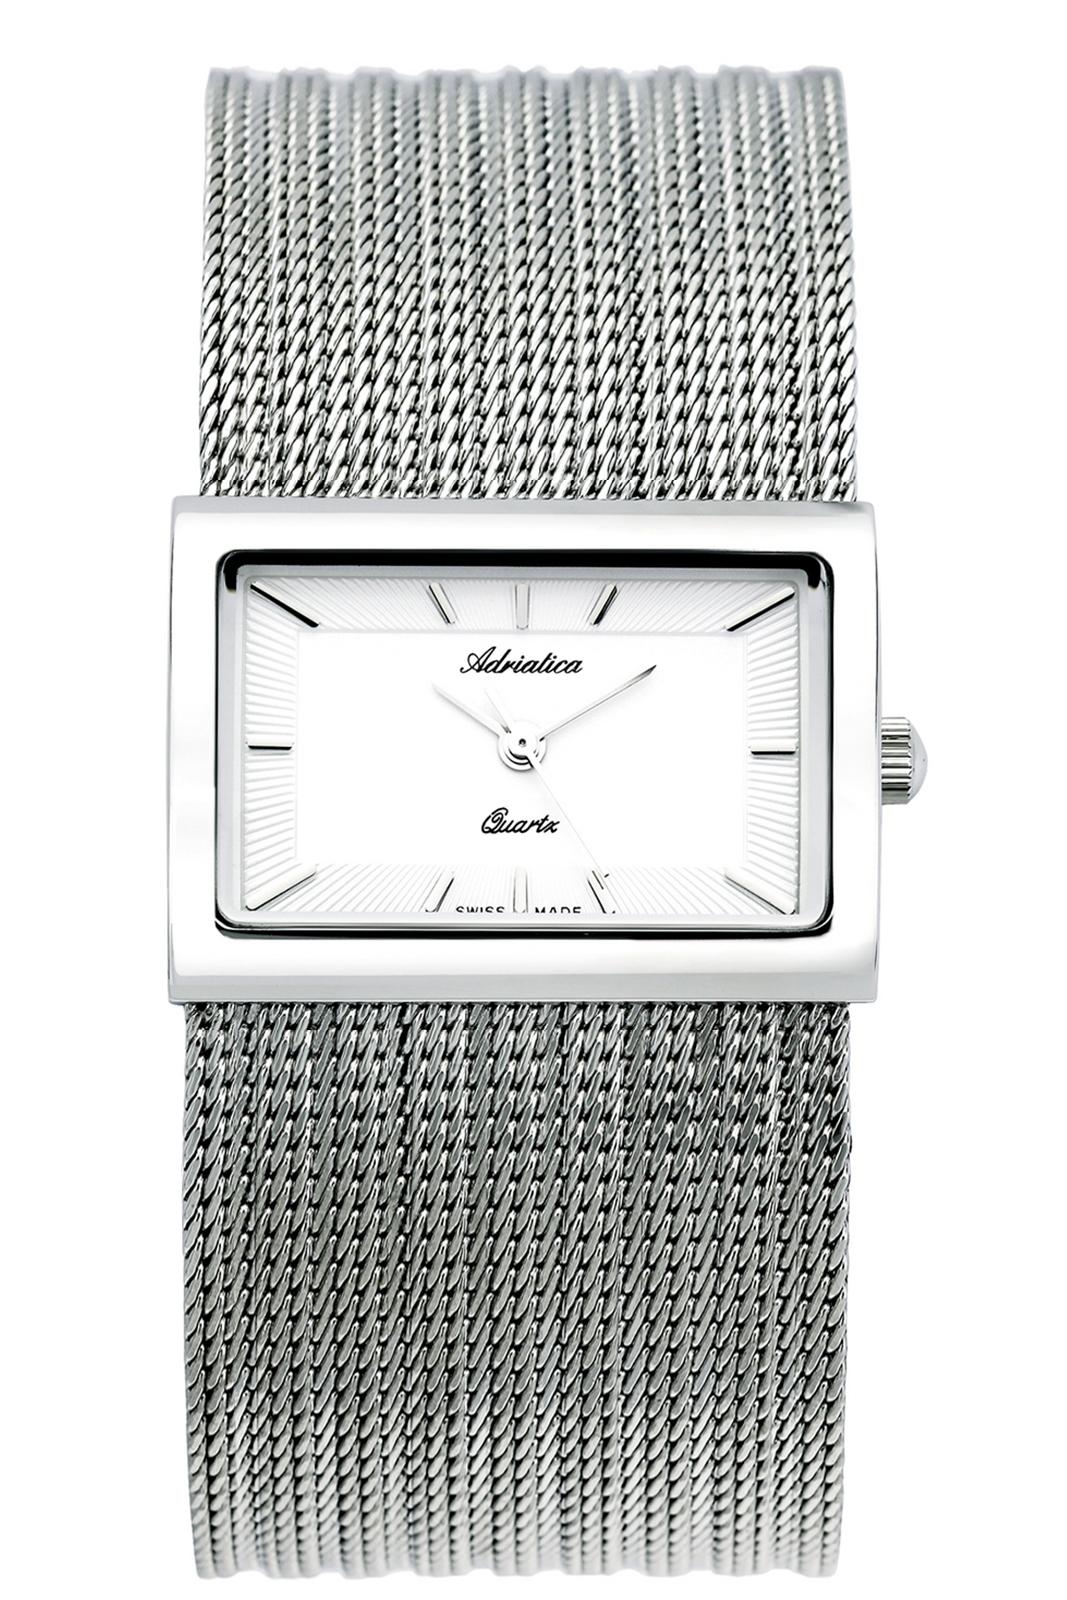 Adriatica, часы с прямоугольным циферблатом